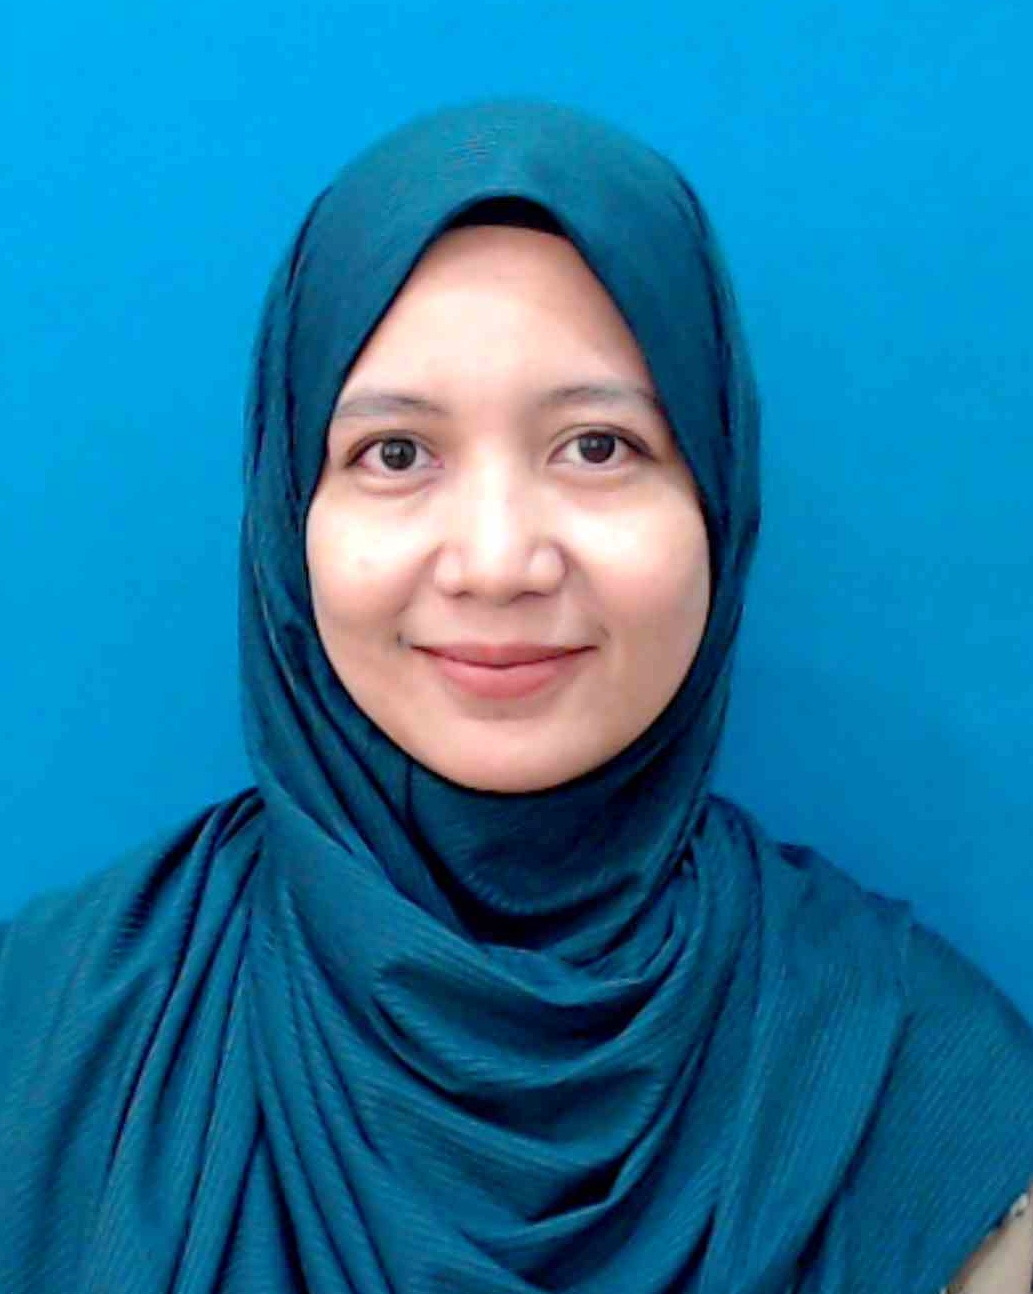 Rozlin Binti Abdul Rahman